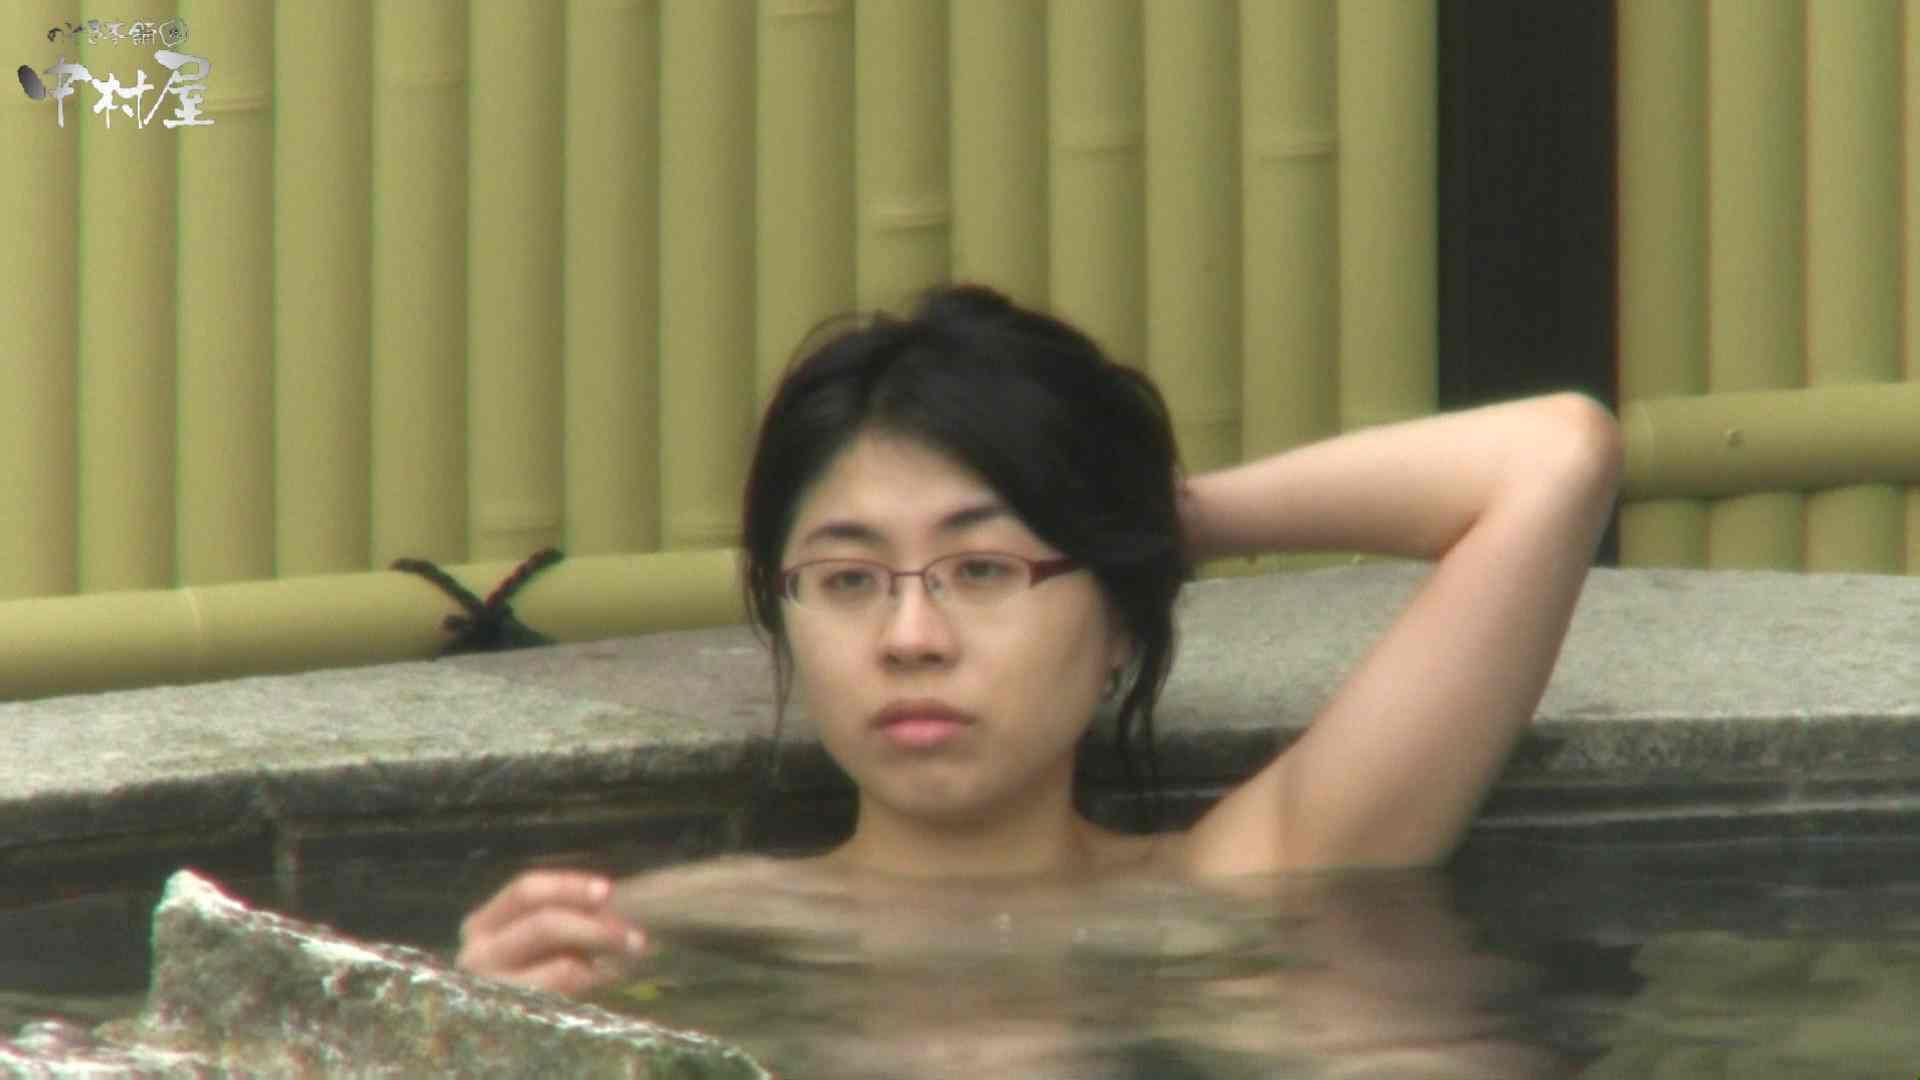 Aquaな露天風呂Vol.947 綺麗なOLたち おまんこ動画流出 111枚 38